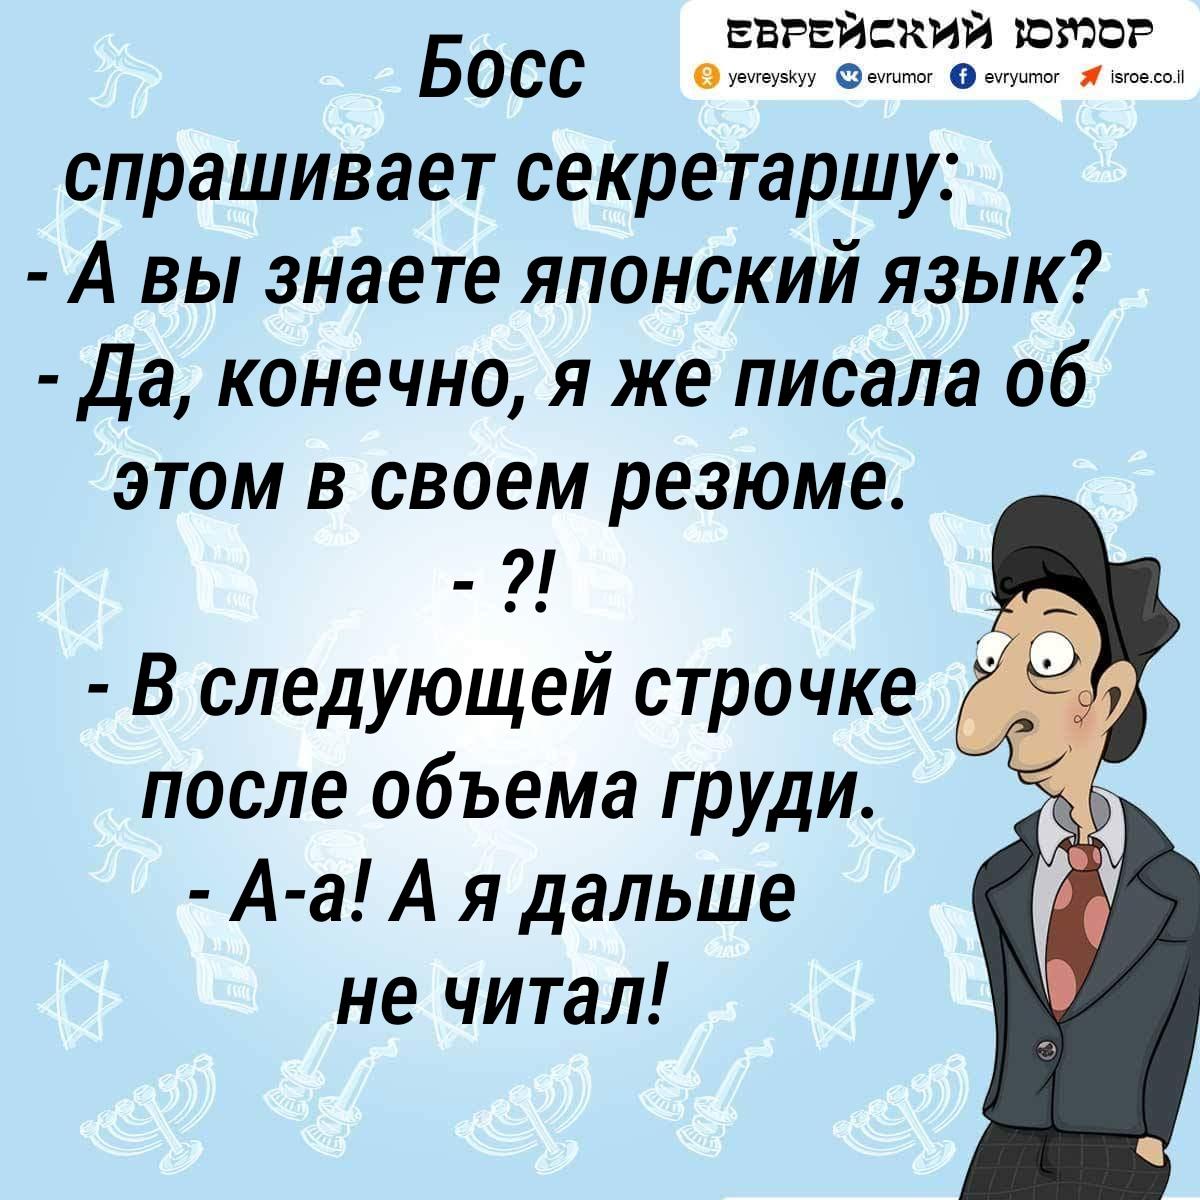 Европейский юмор. одесский анекдот. босс и секретарша